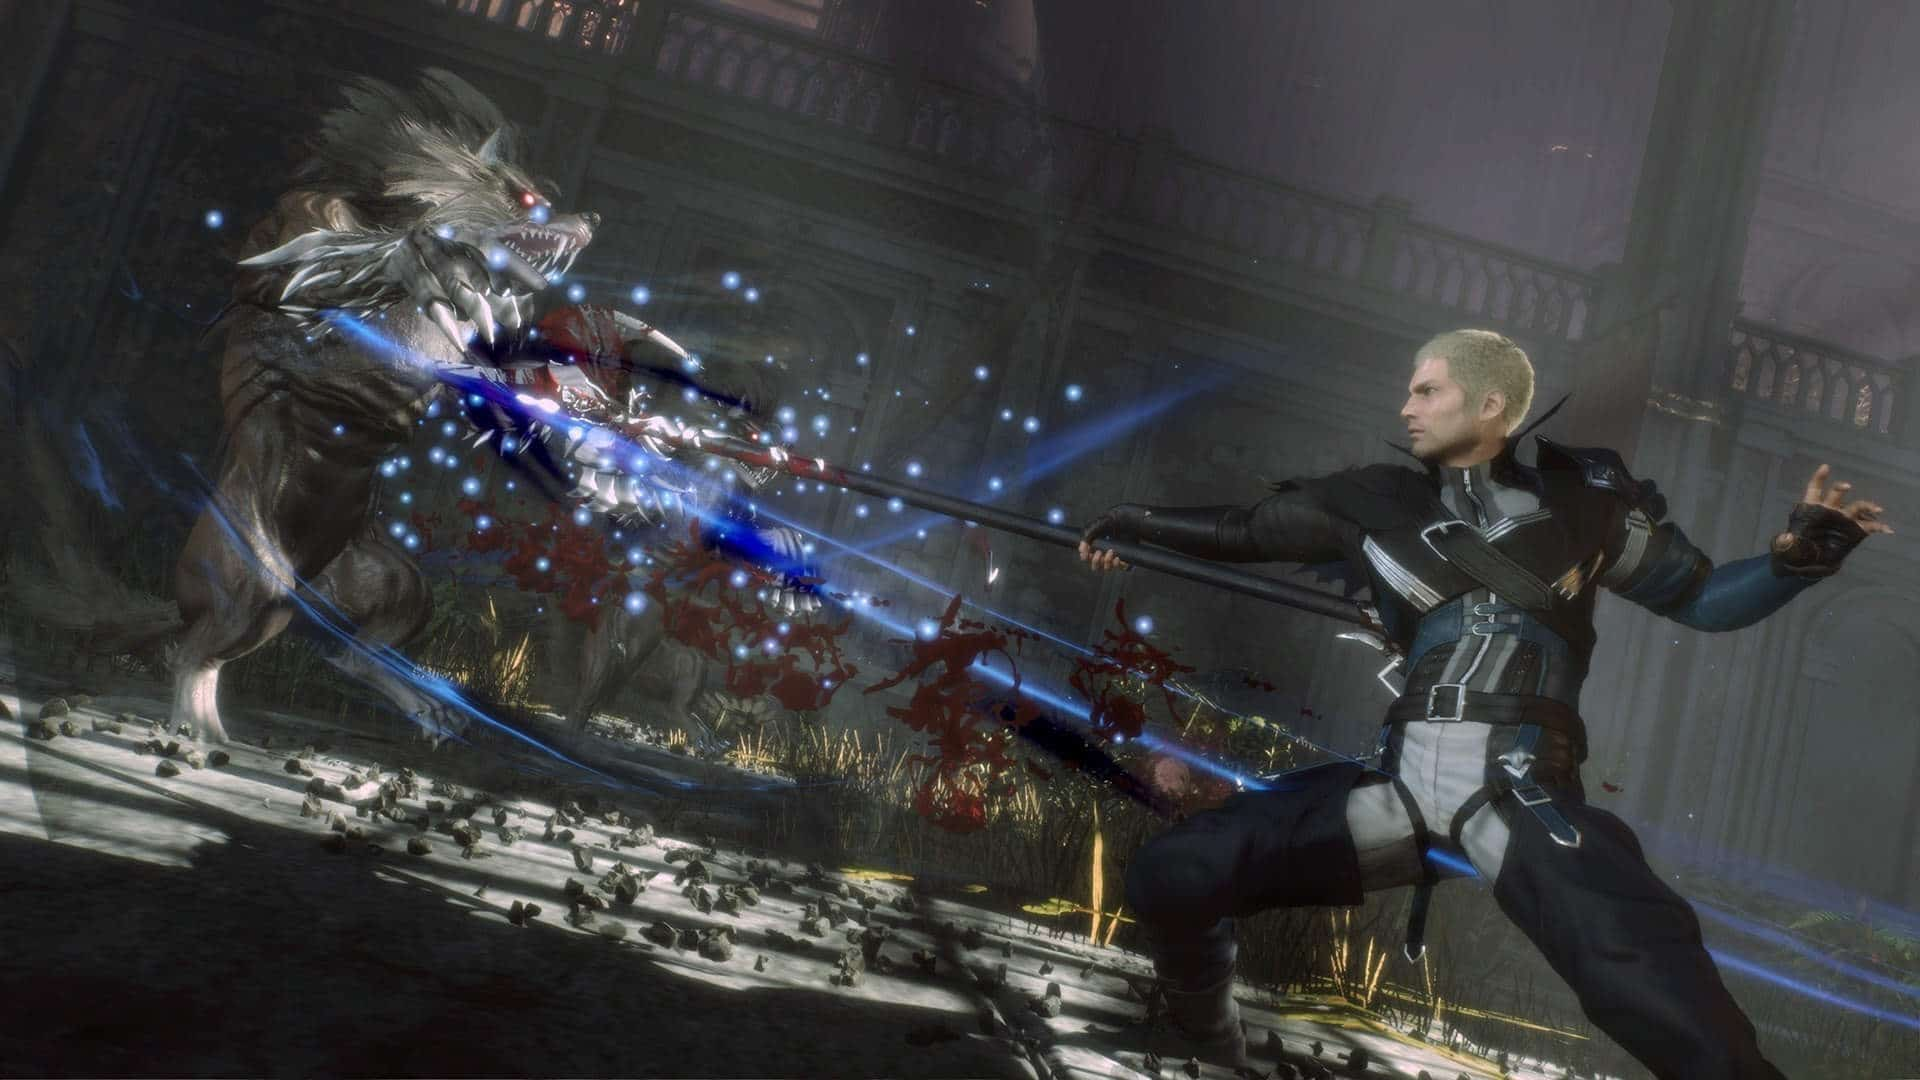 Imagem do jogo Stranger of Paradise: Final Fantasy Origin com o protagonista usando uma lança contra um inimigo